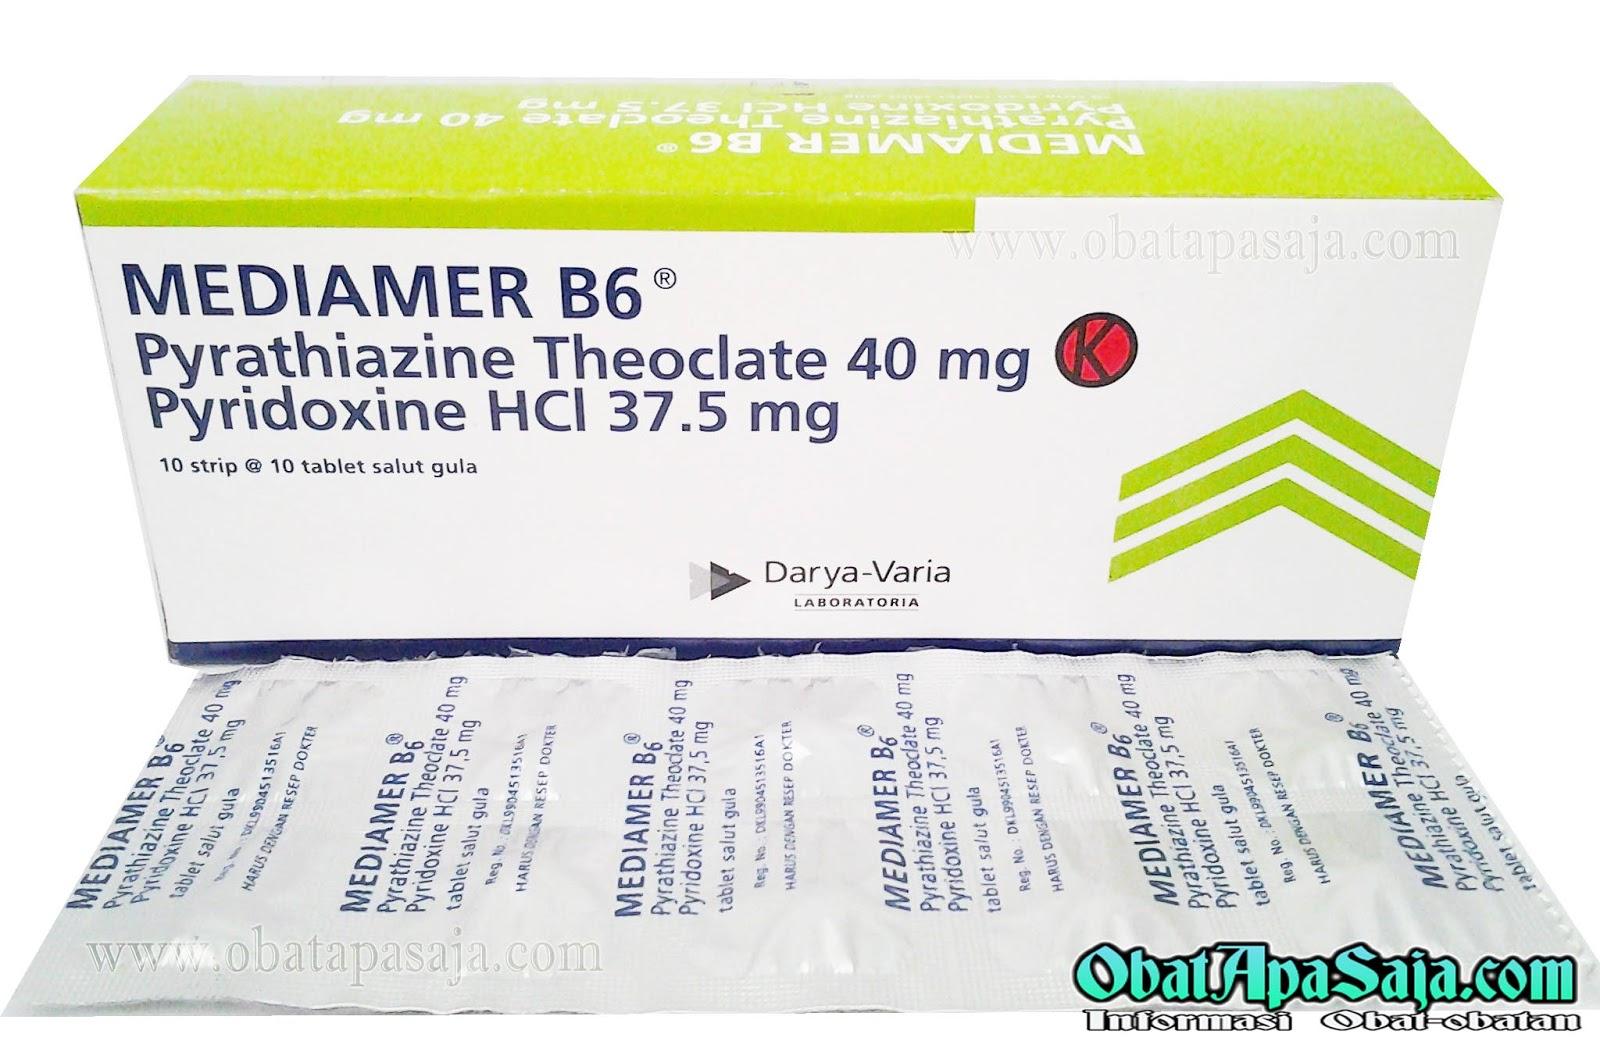 Helicobacter pylori treatment ciprofloxacin 500mg